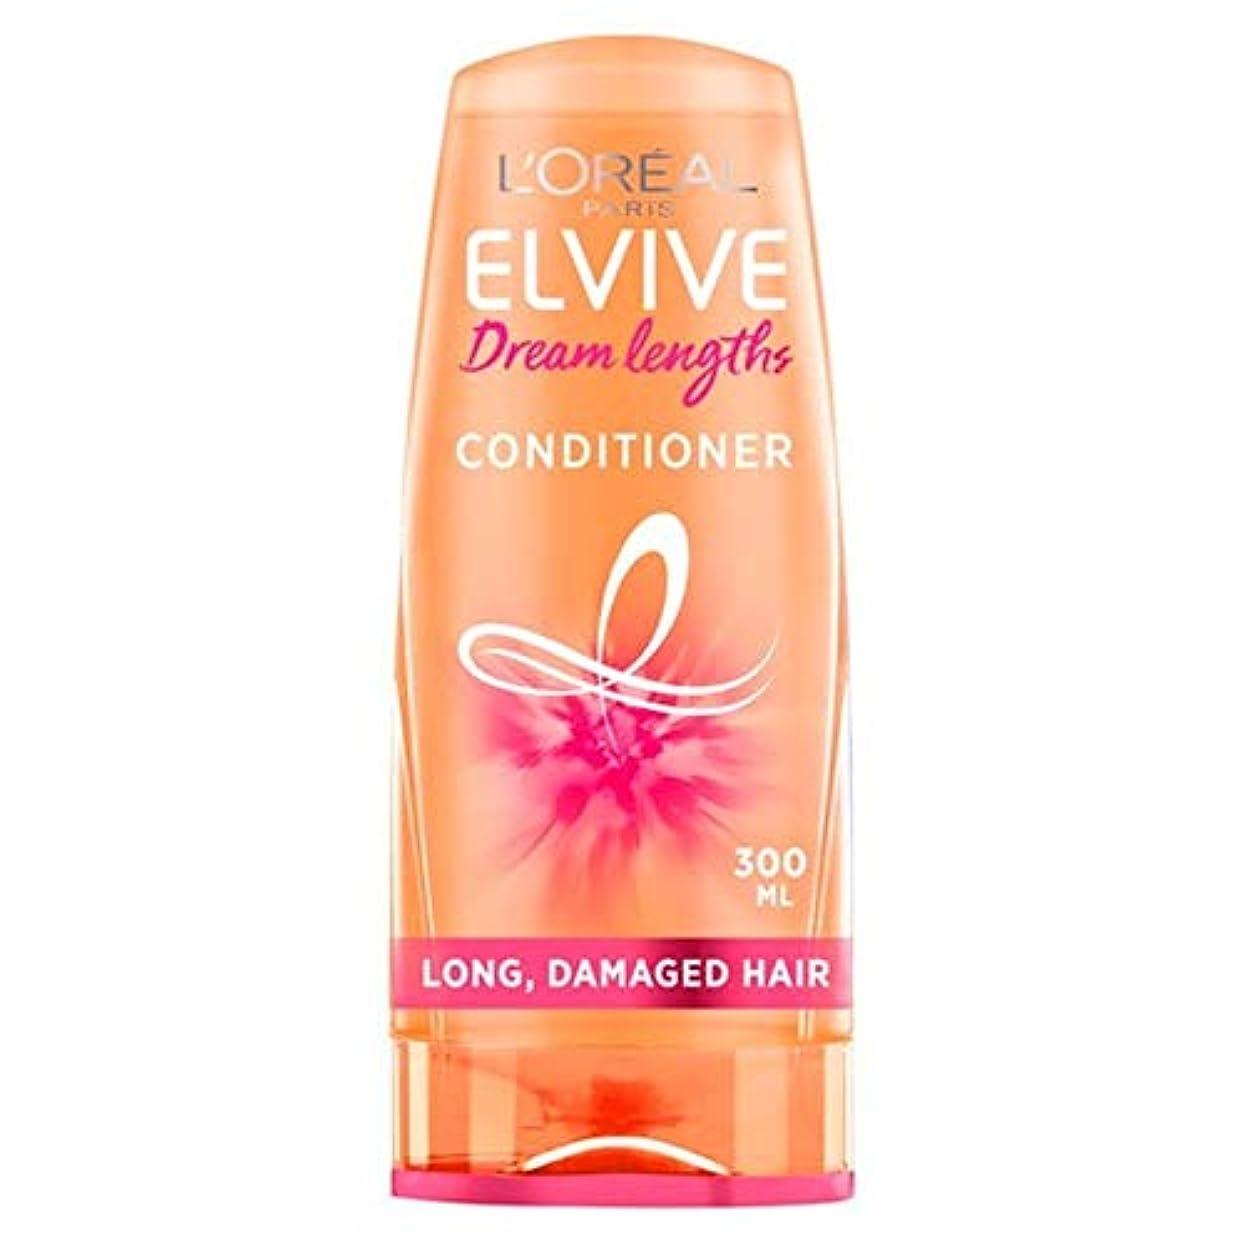 飼いならす模倣円形の[Elvive] ロレアルはElvive長ヘアコンディショナー300ミリリットルの夢 - L'oreal Elvive Dream Lengths Hair Conditioner 300Ml [並行輸入品]